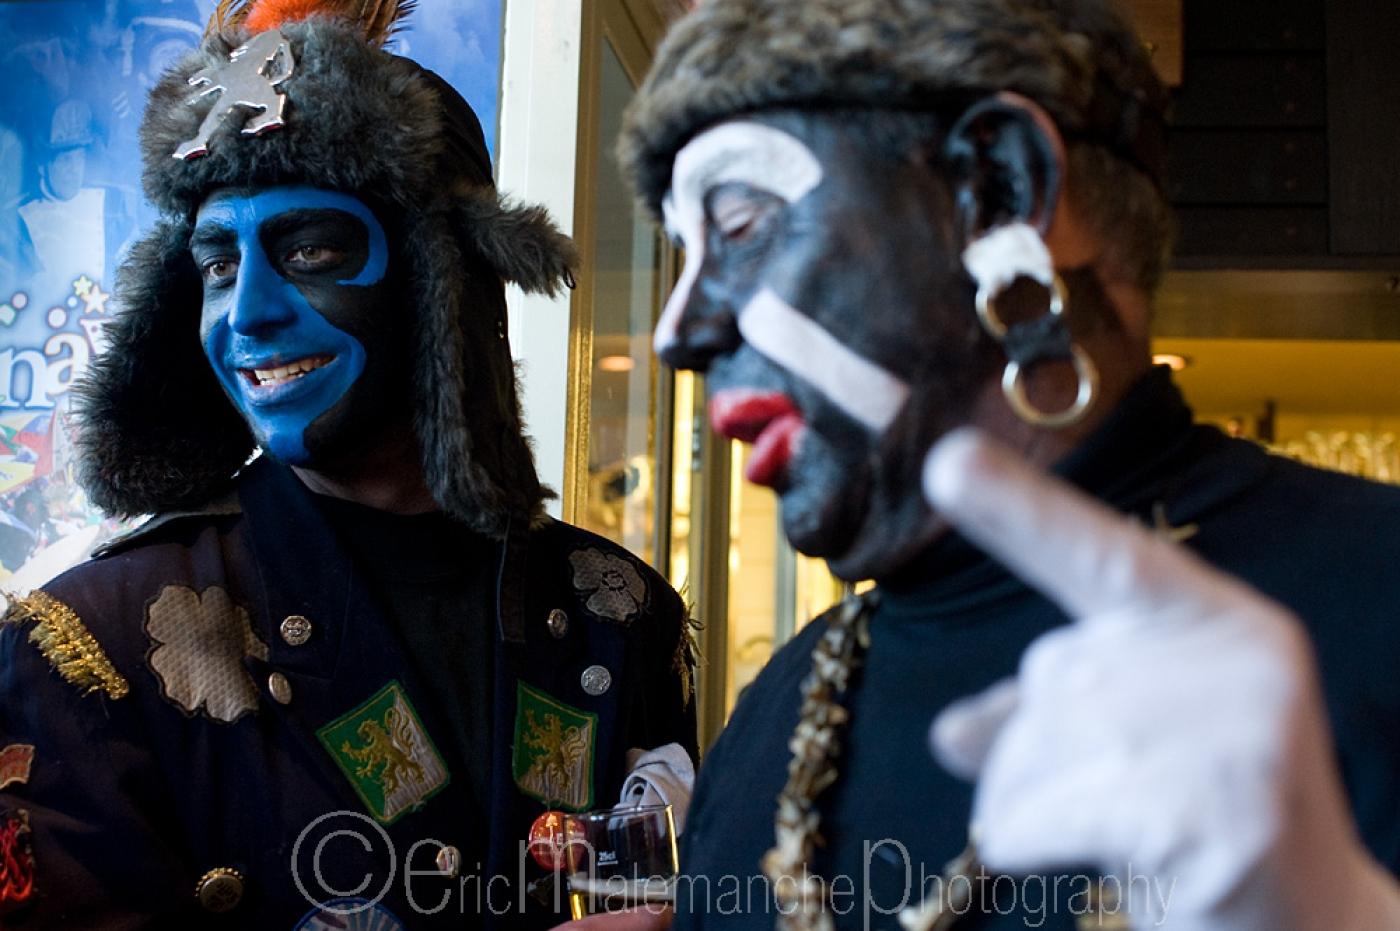 http://www.ericmalemanche.com/imagess/topics/carnaval-de-dunkerque/liste/Carnaval-Dunkerque-1311.jpg